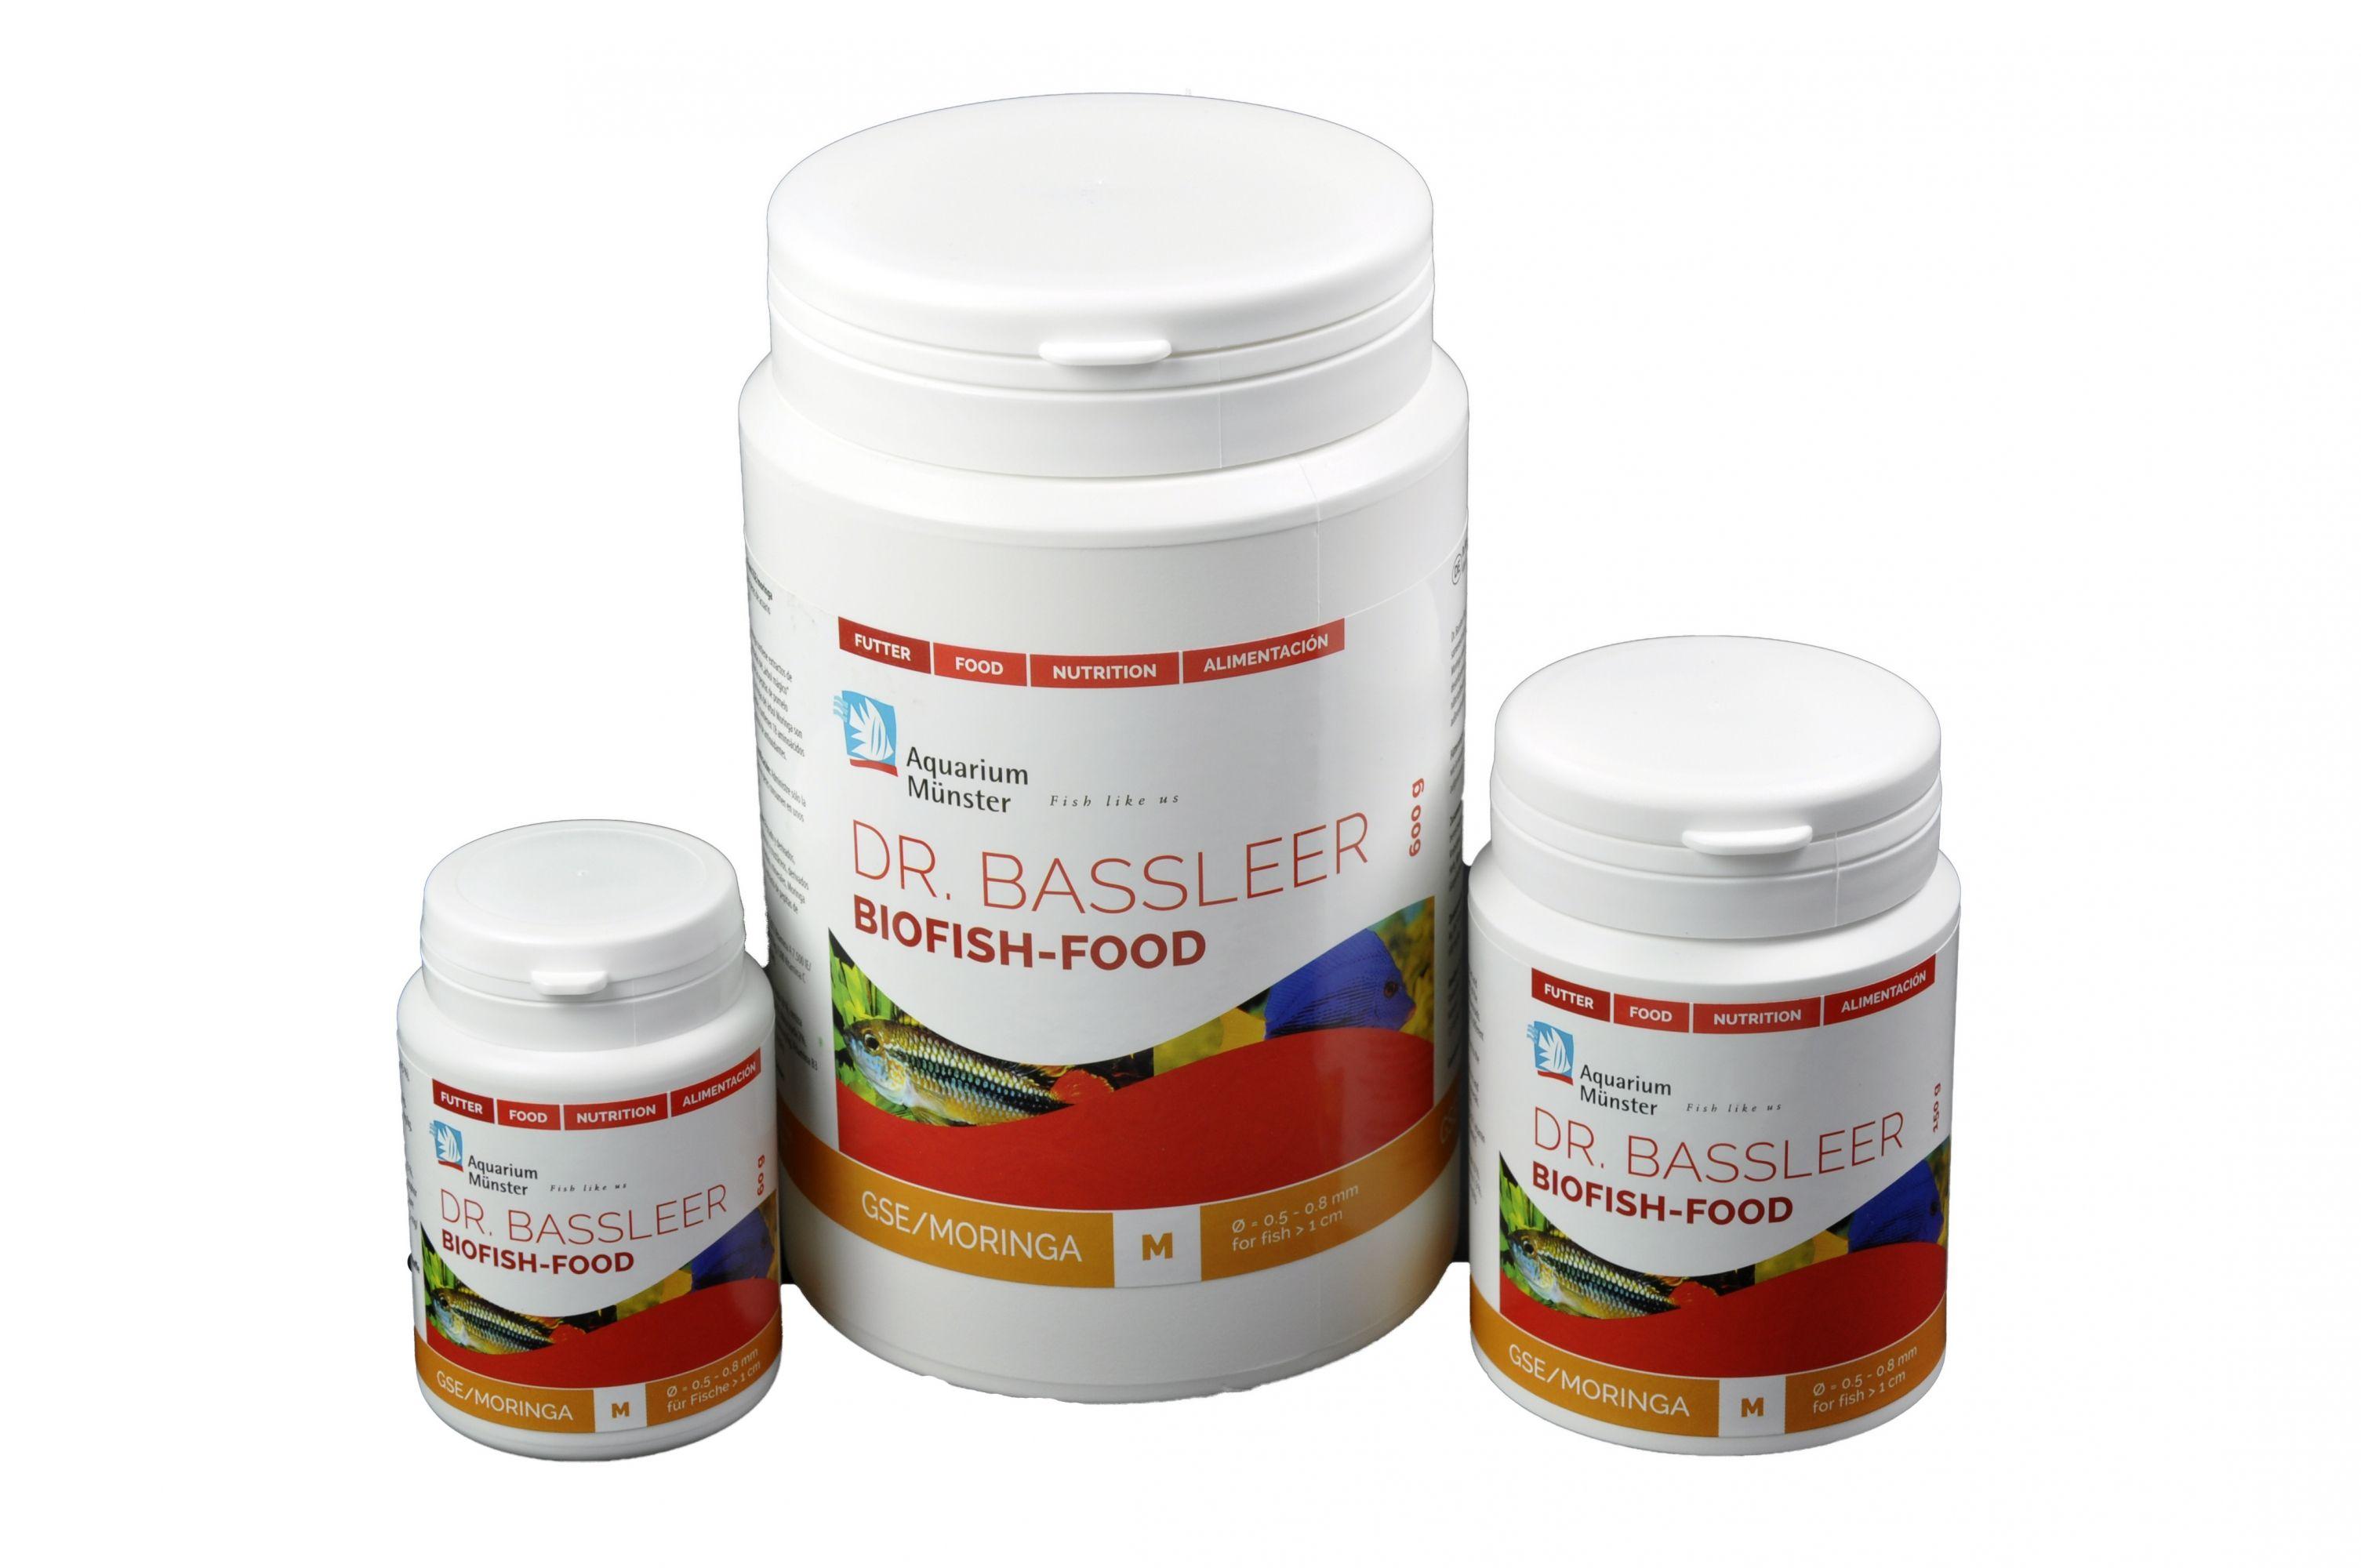 Bassleer Biofish Food GSE/Moringa verpakking